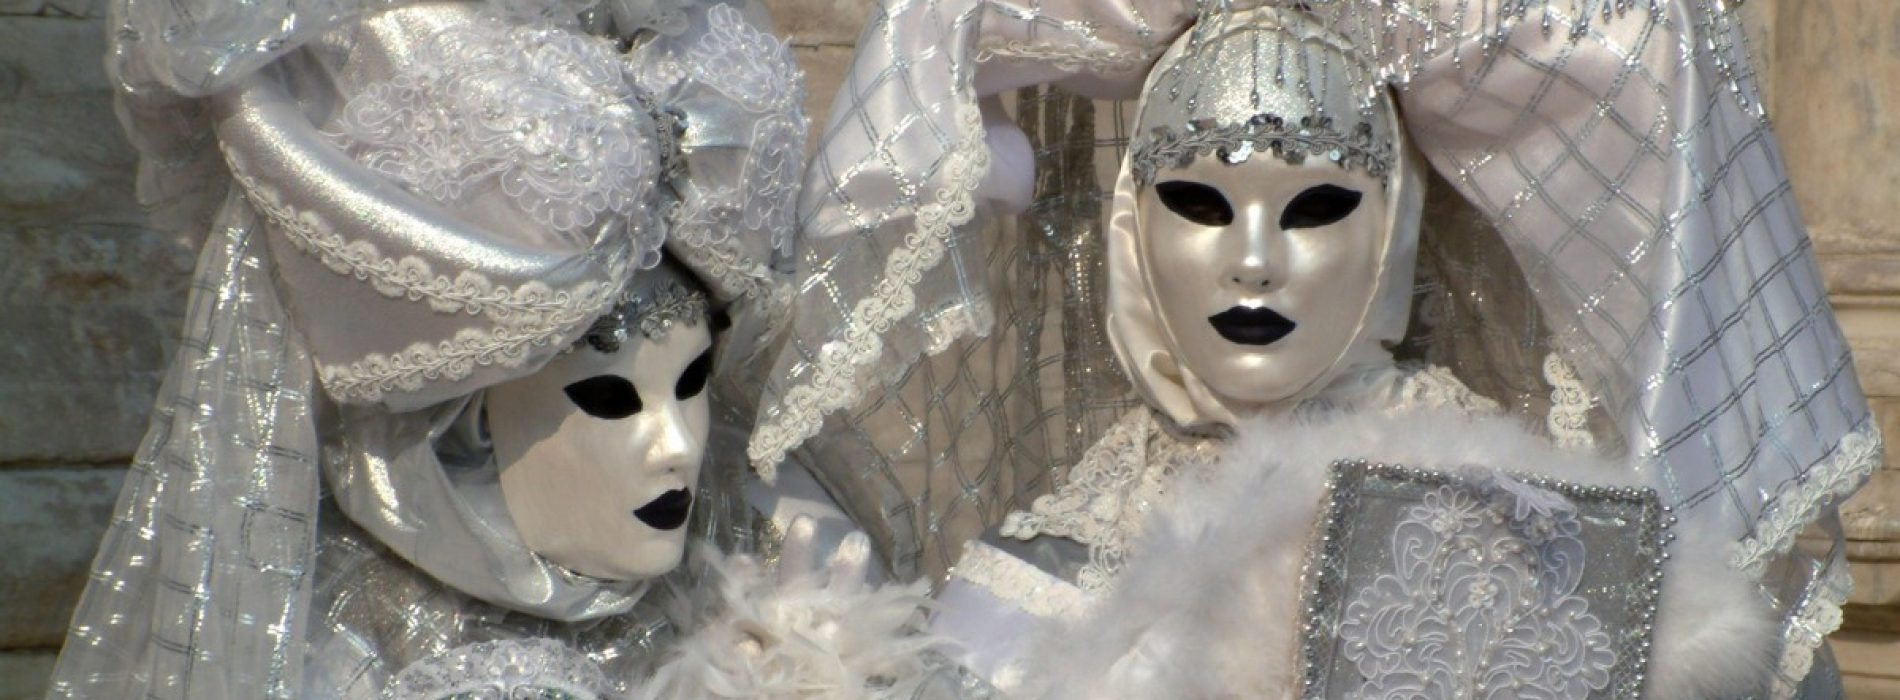 Pregătește masca, Italia e gata pentru cea mai tare petrecere din Europa!